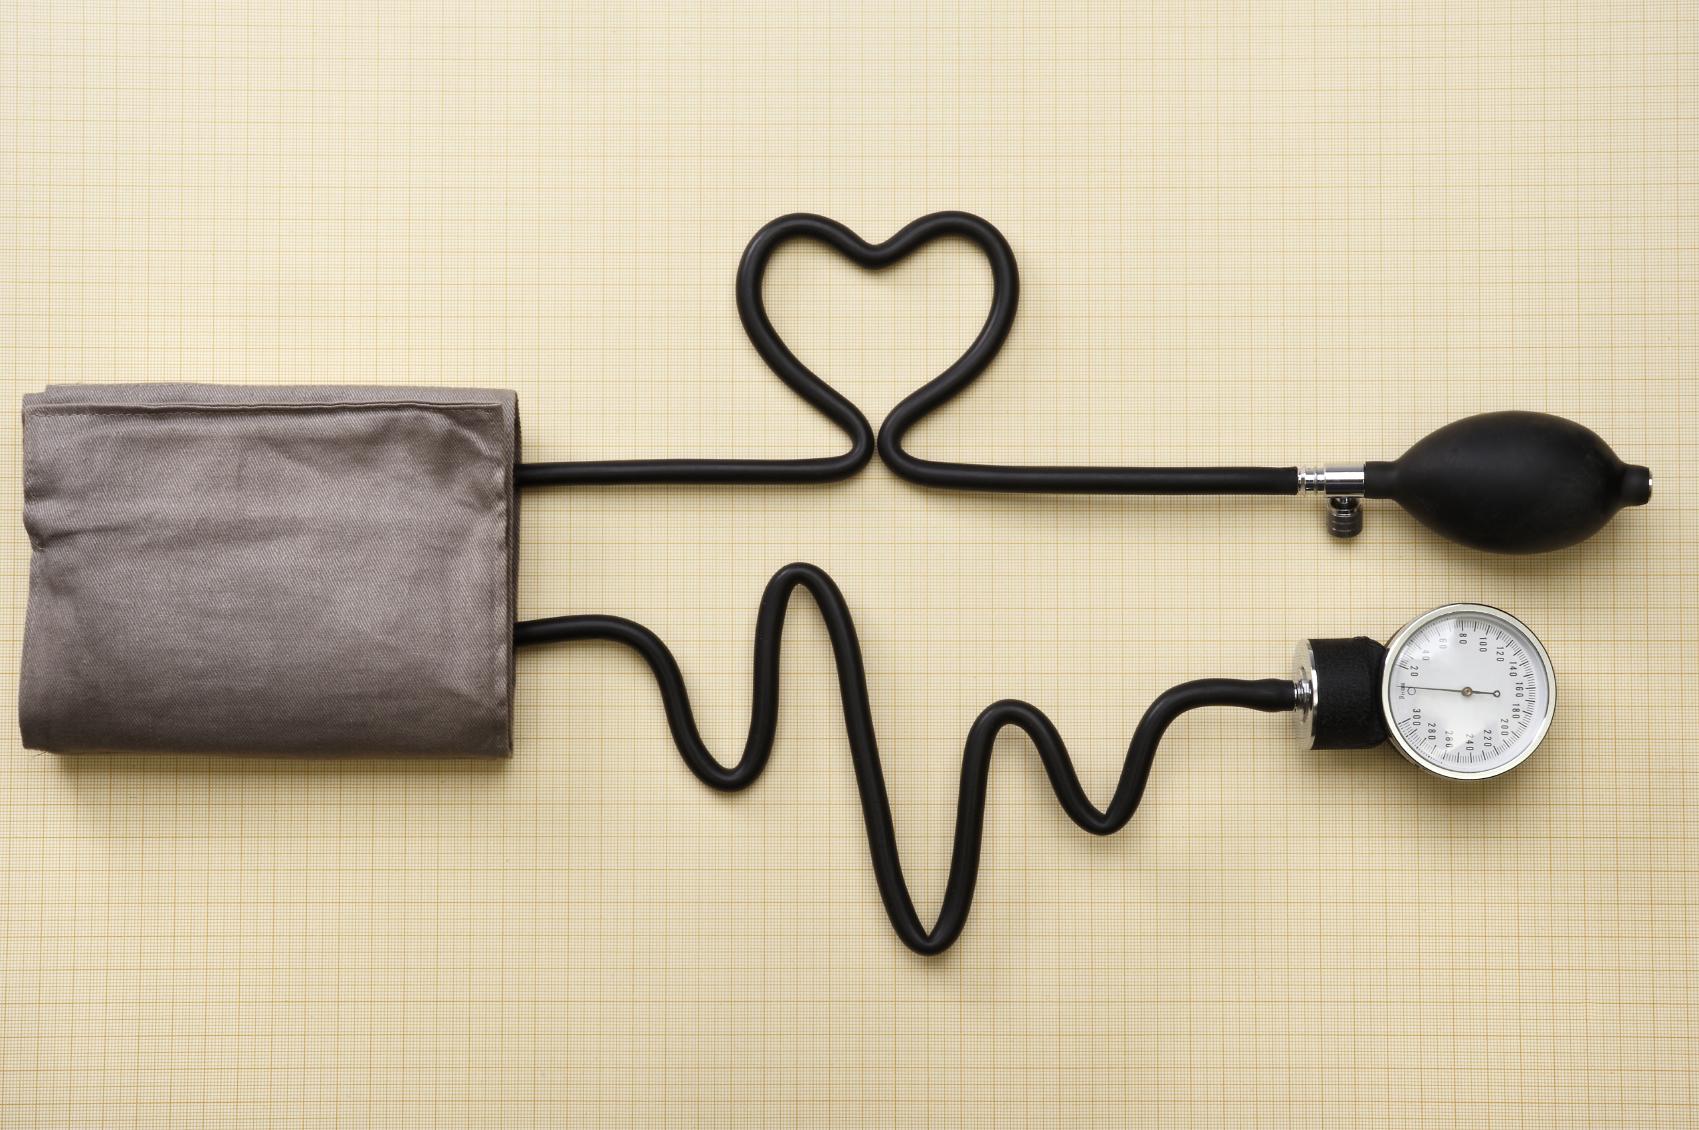 lehetséges-e fizikai aktivitással foglalkozni magas vérnyomással